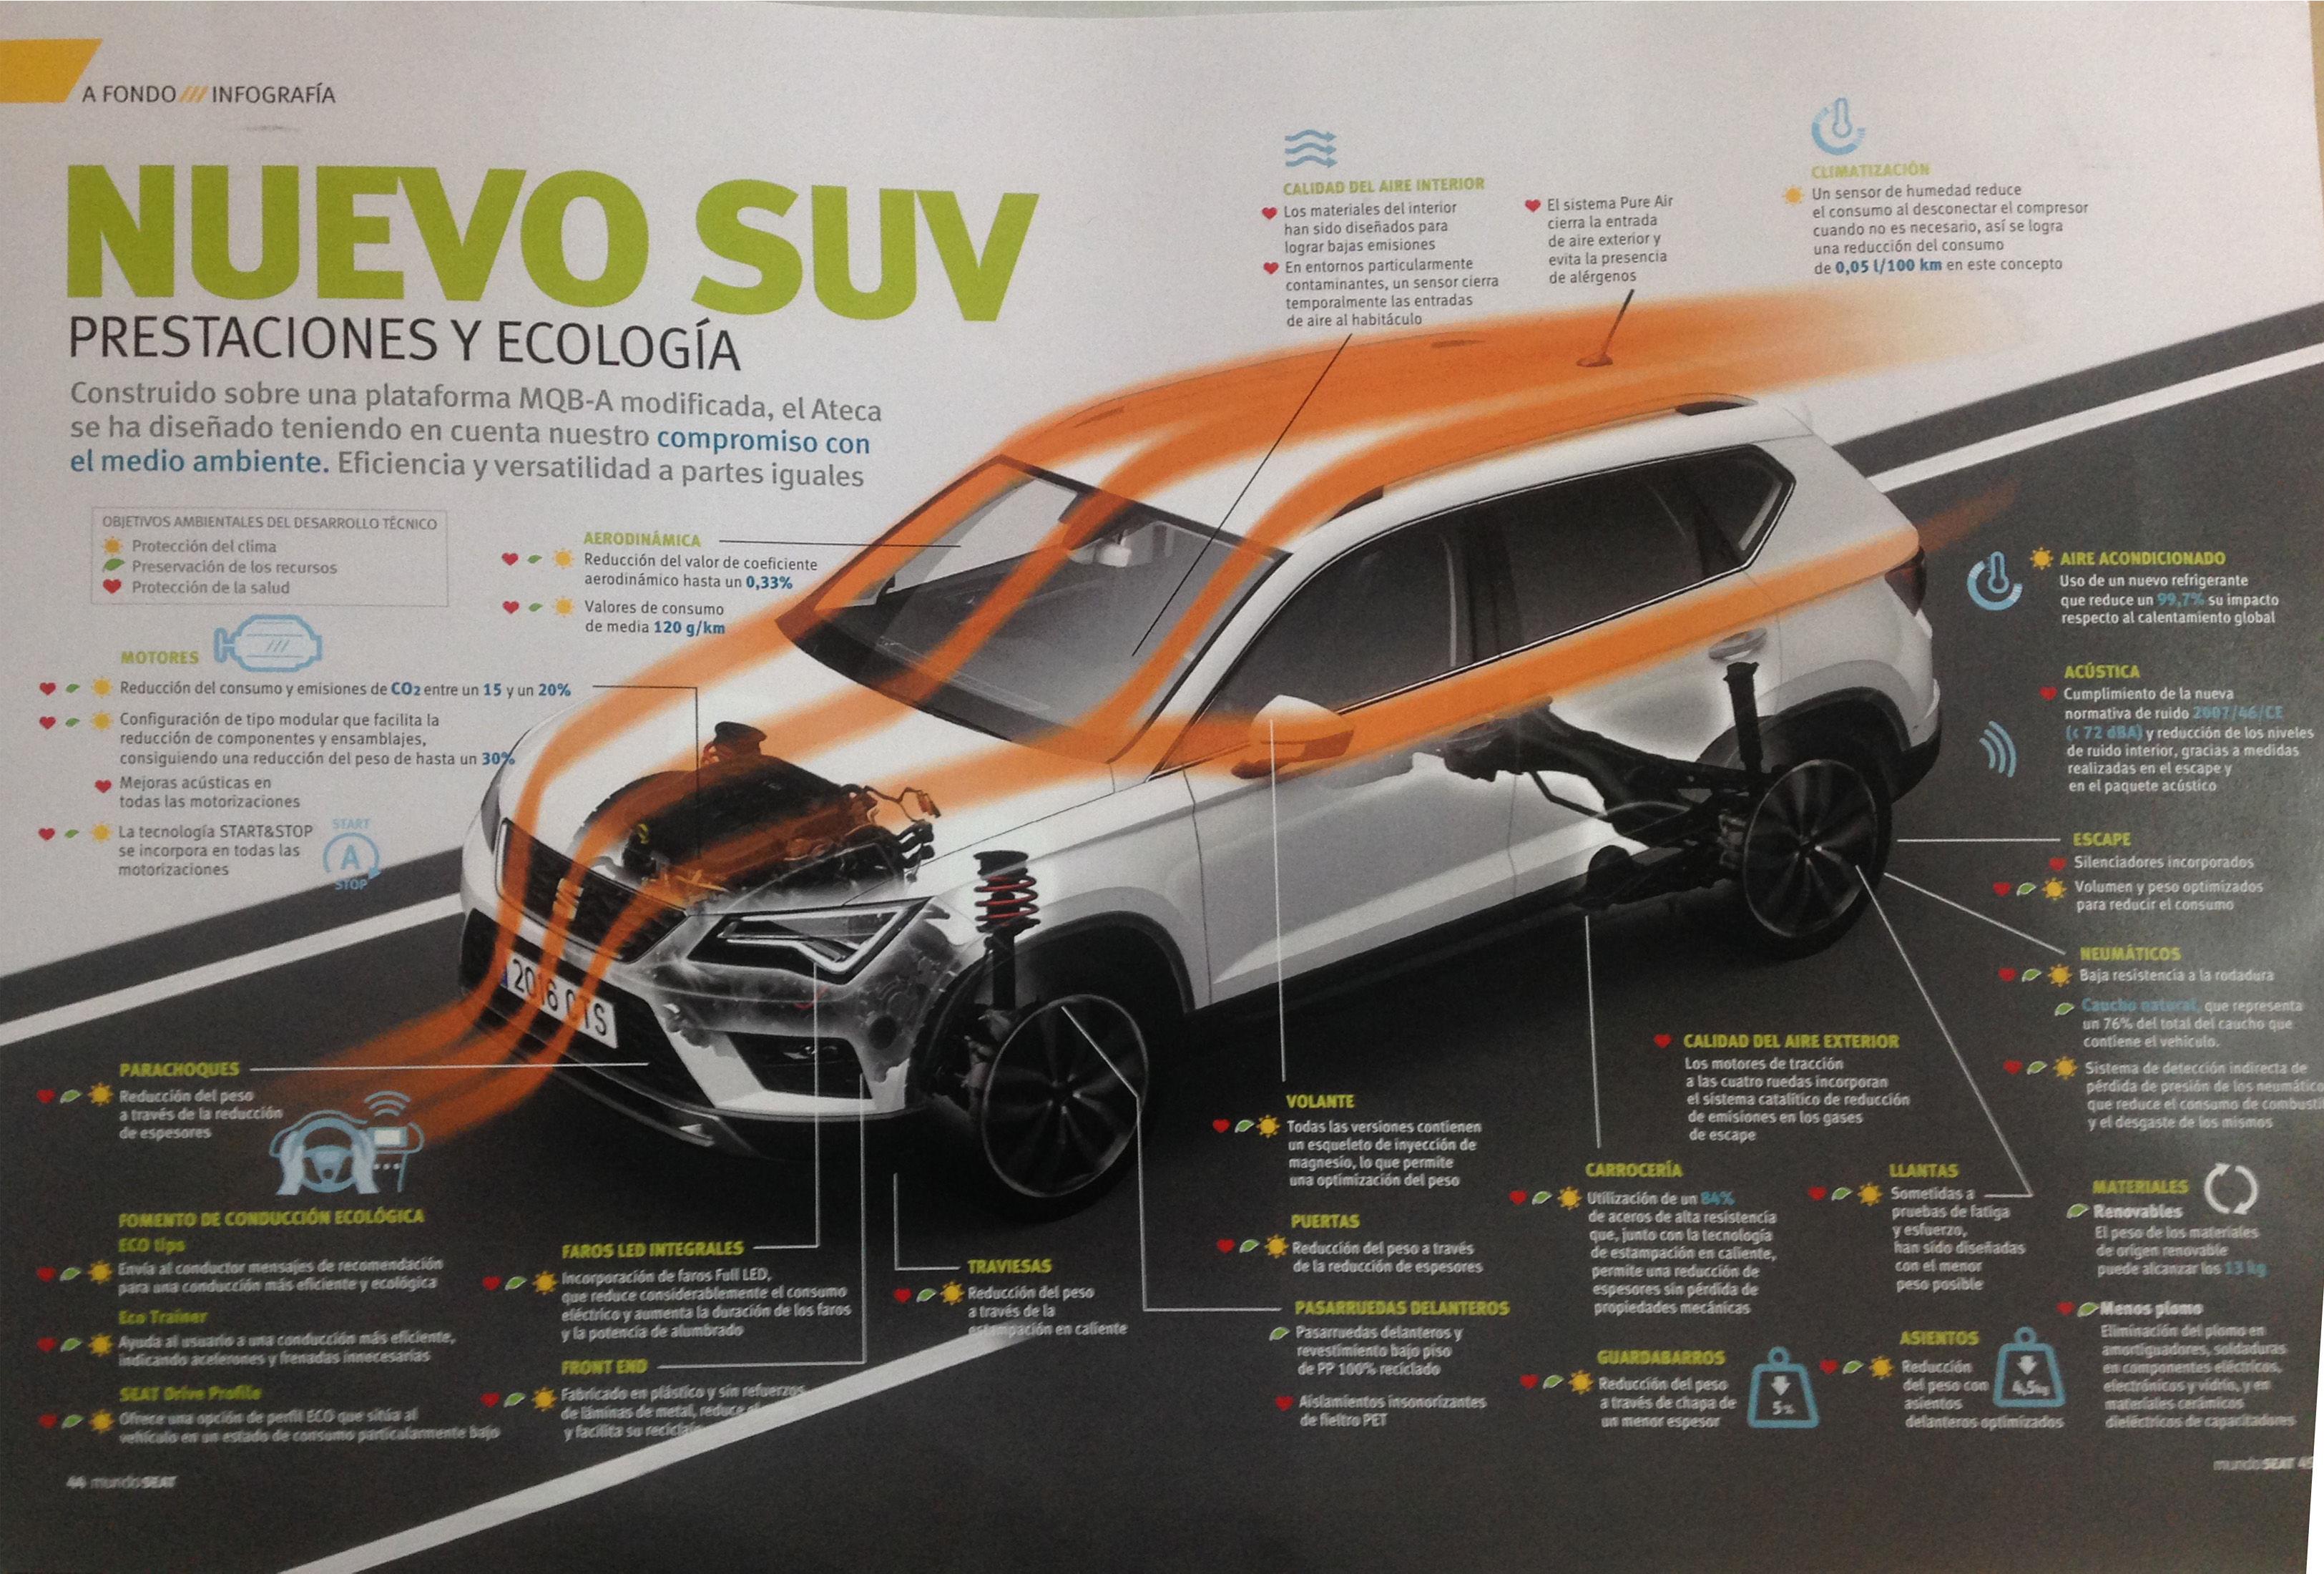 Conoce las prestaciones y ecología del nuevo SUV ATECA